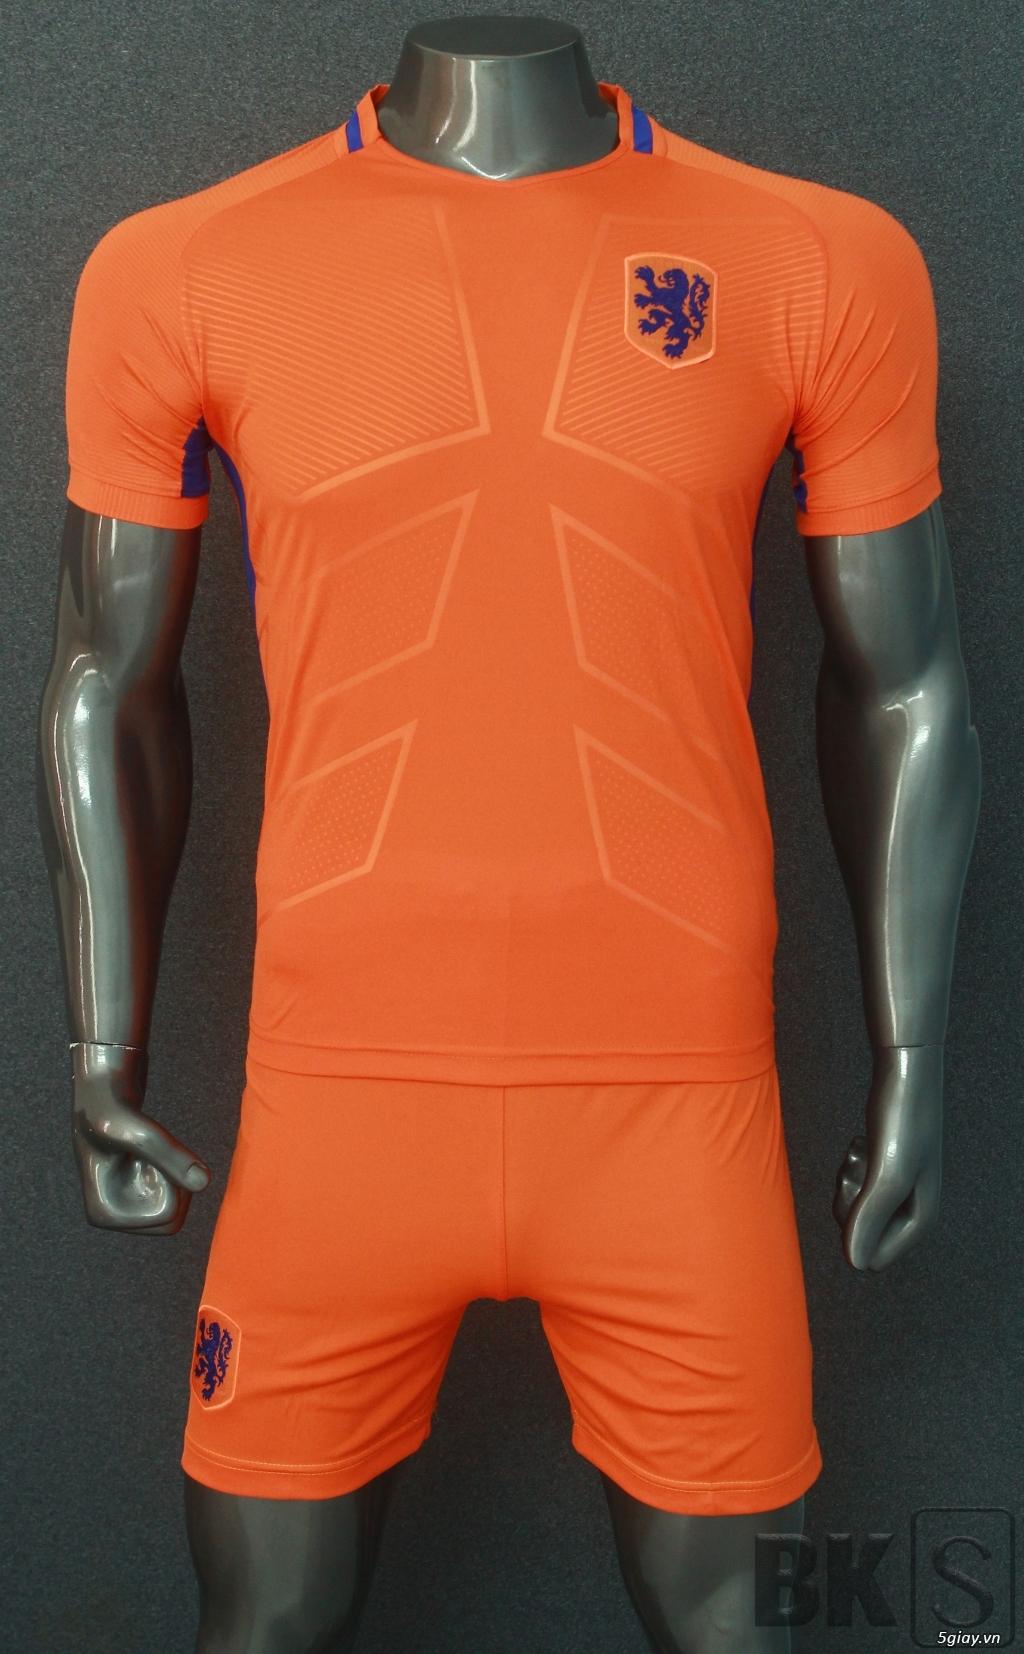 Áo bóng đá HP-địa chỉ gốc sản xuất trang phục thể thao số 1 Việt Nam - 39